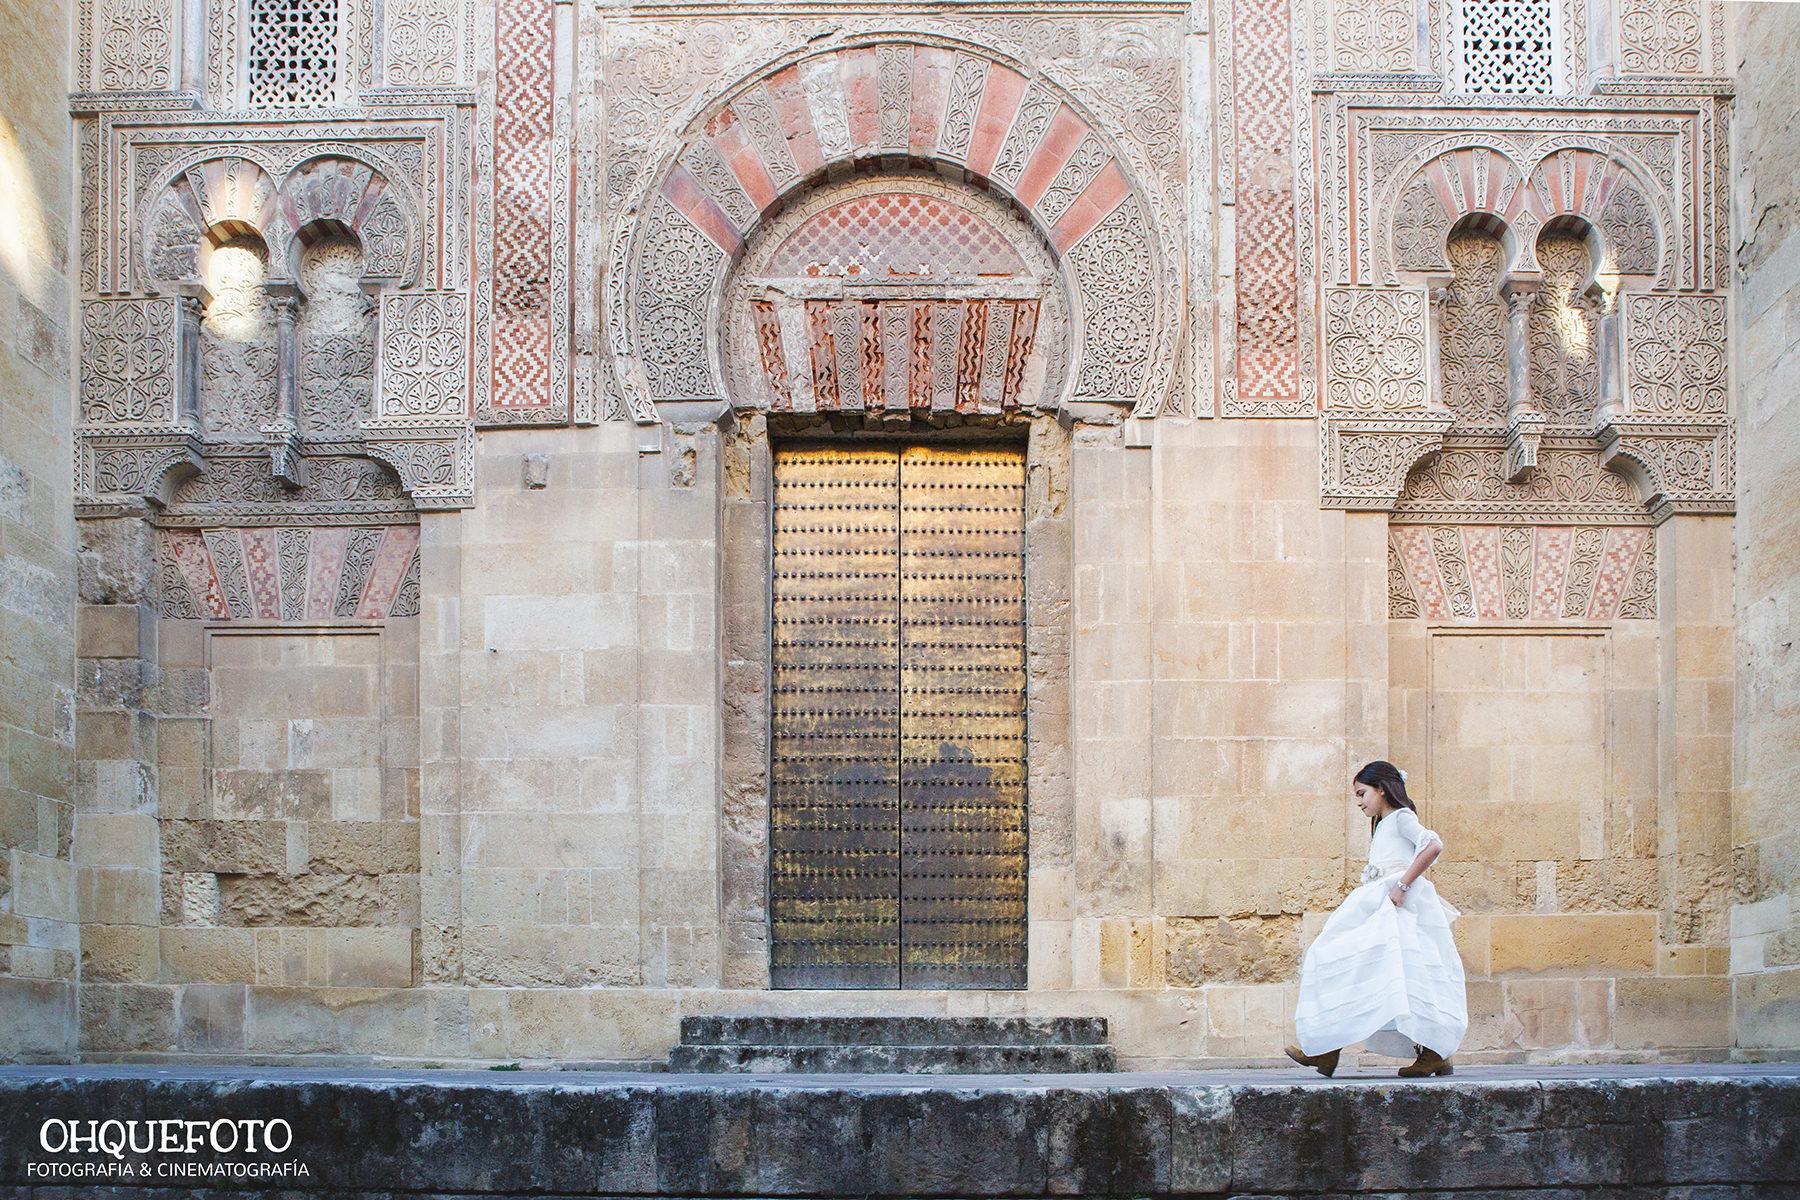 reportaje-de-comunion-cordoba-chillon-almaden-comuniones-exterior-fotos-de-comunion-cordoba-mezquita-catedral-puente-romano-juderia